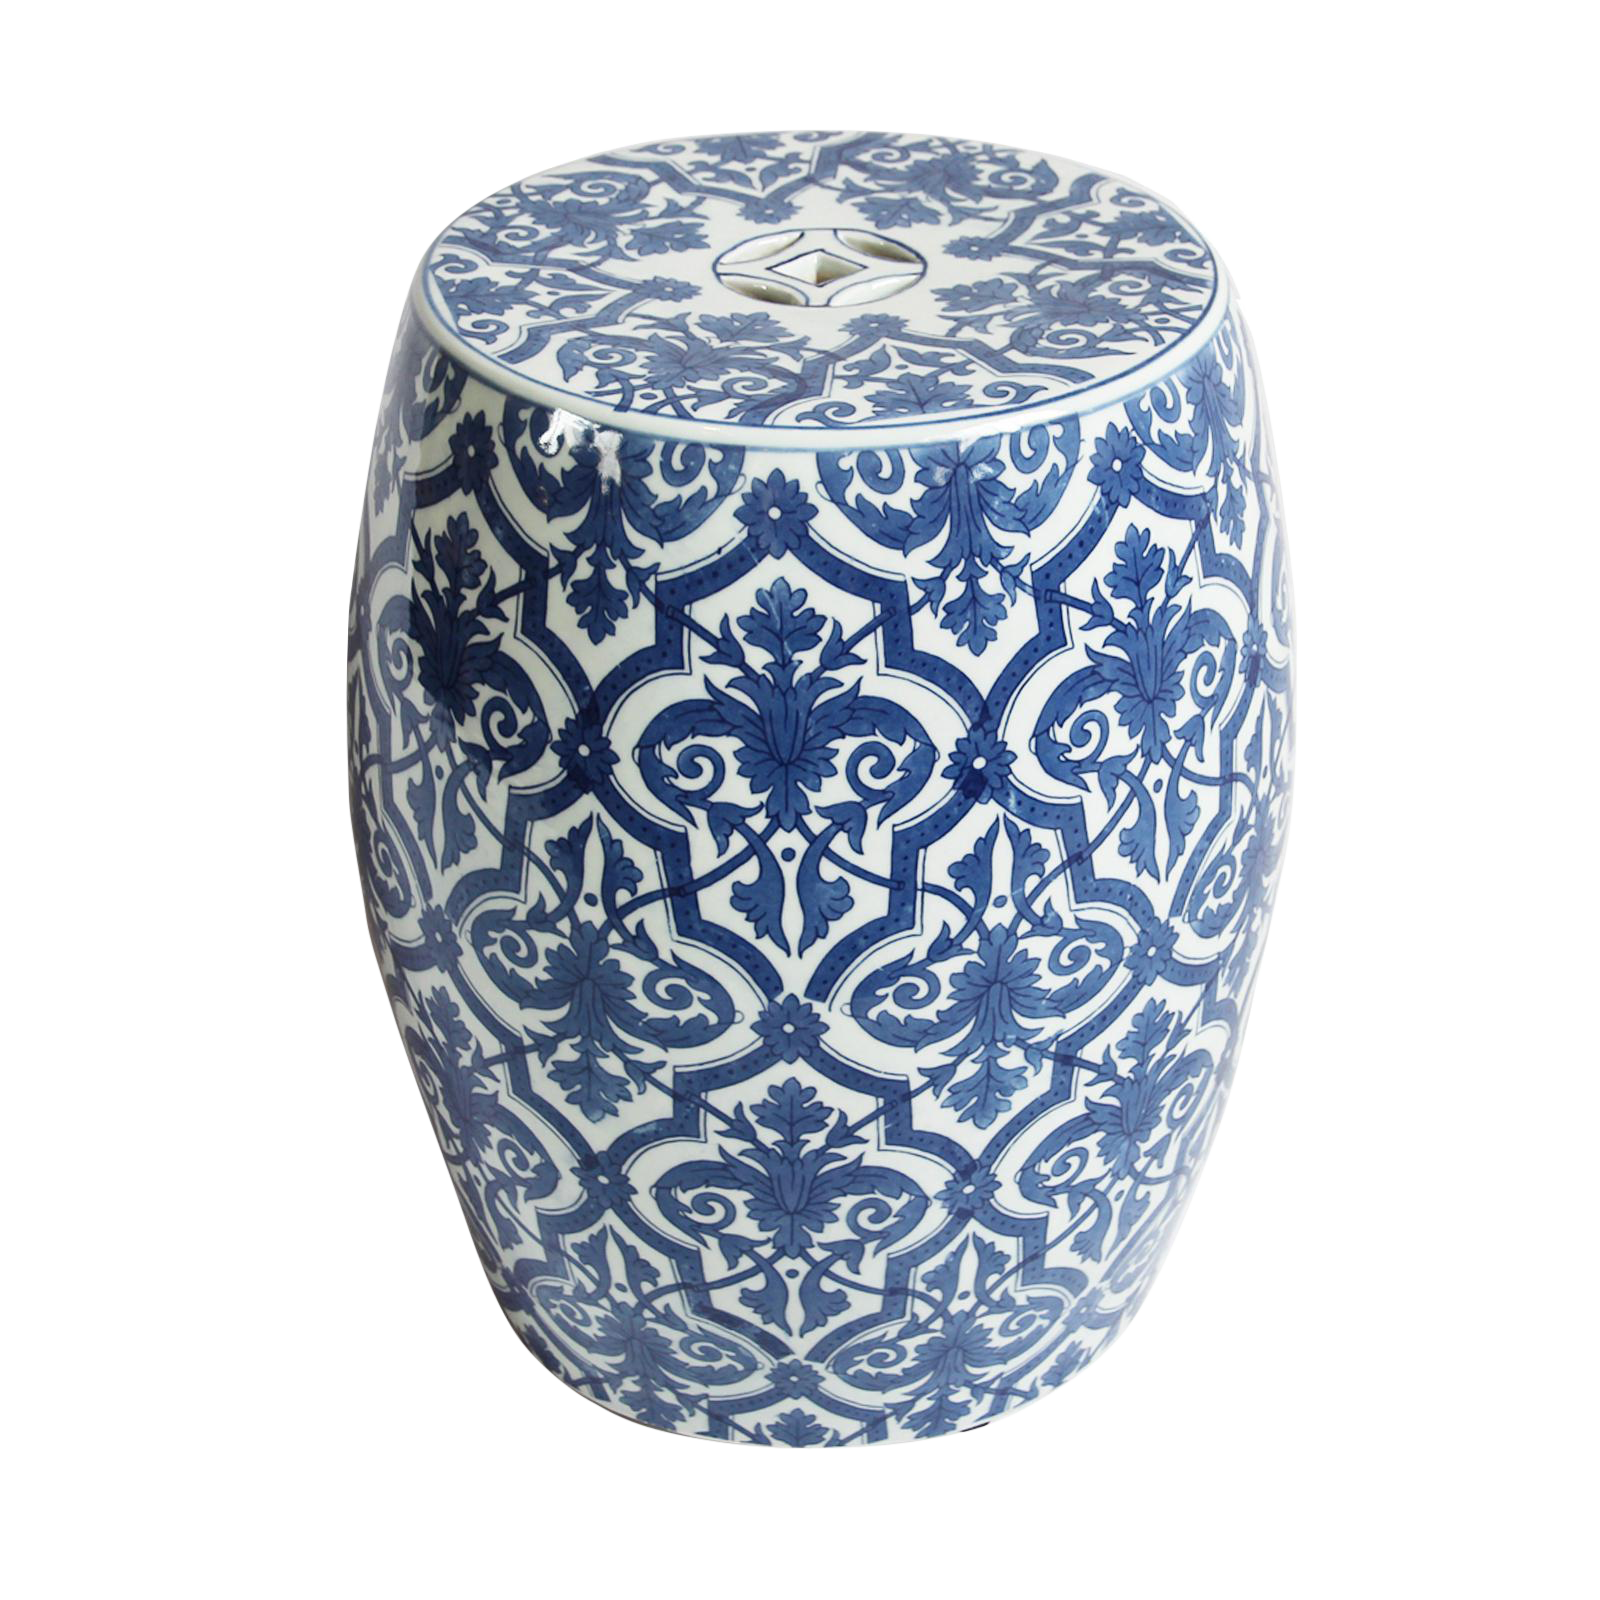 Blue White Ceramic Garden Stool Ceramic Garden Stools Garden Stool Blue Garden Stool